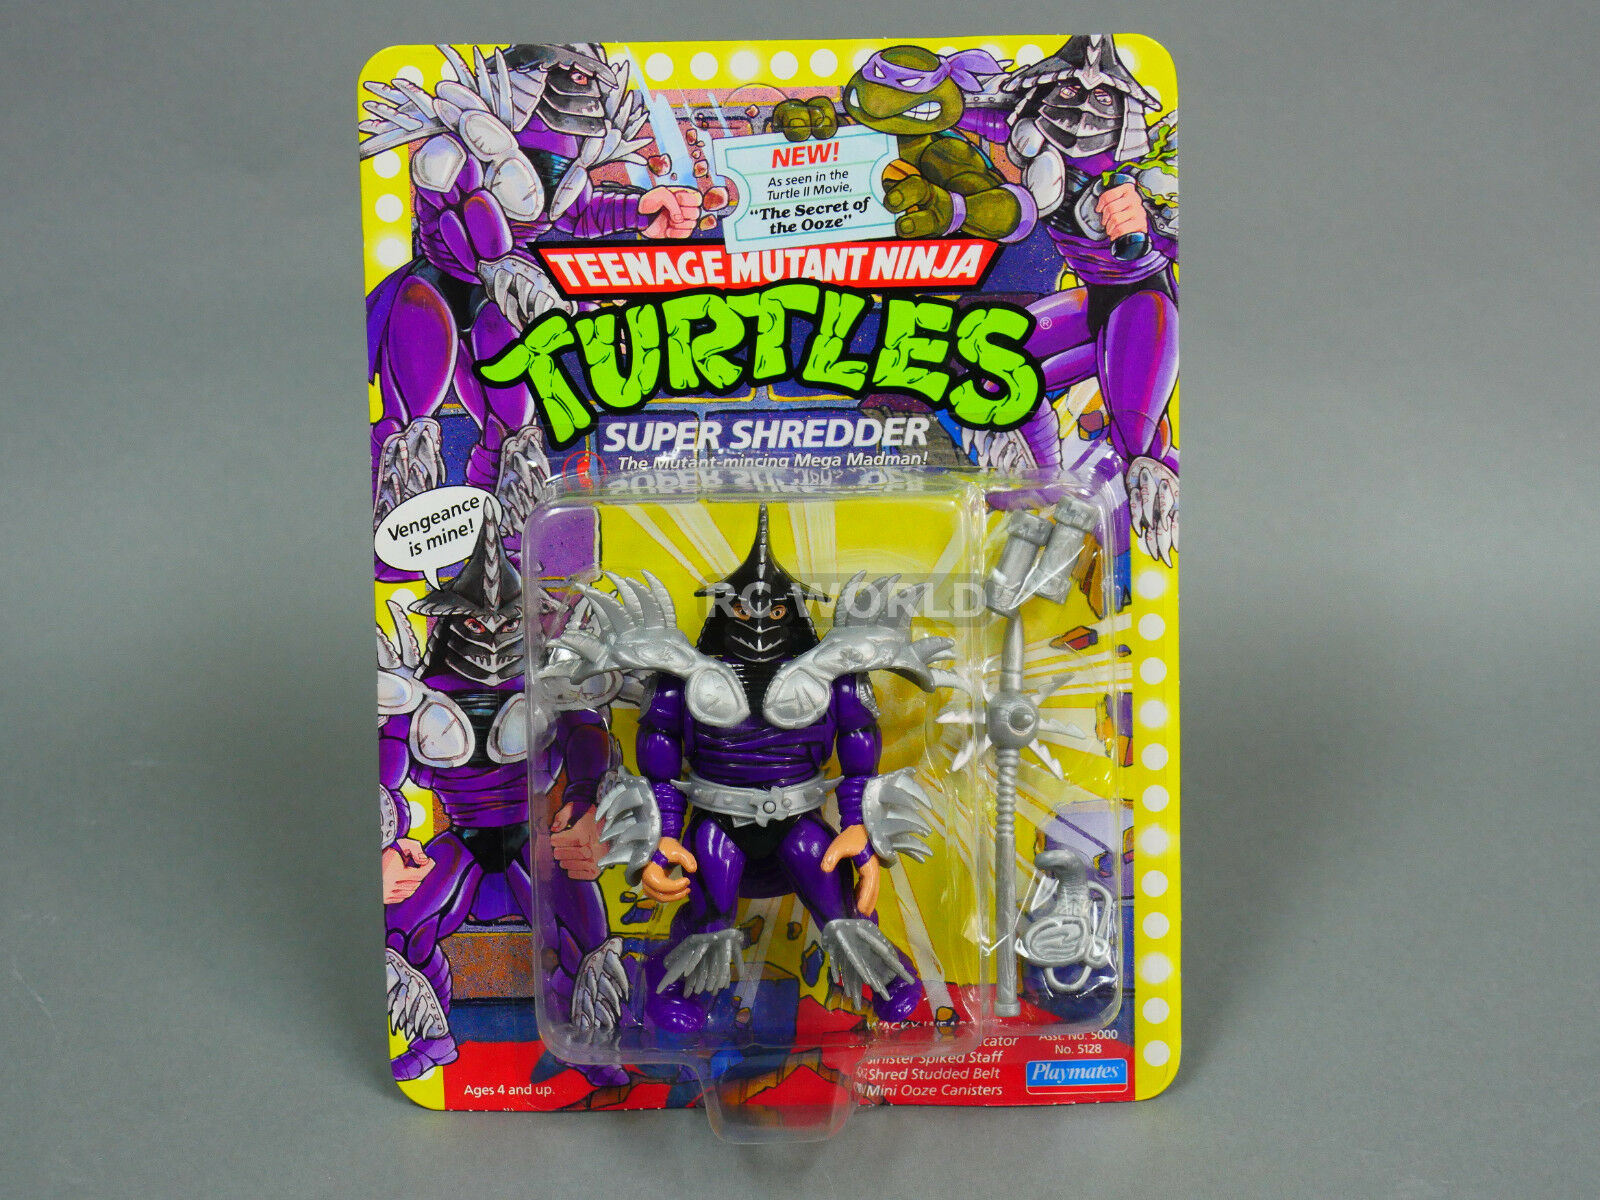 Playmates TMNT Teenage Mutant  Ninja Turtles  SUPER SHrossoDER  -UNPUNCHED-  G3  perfezionare